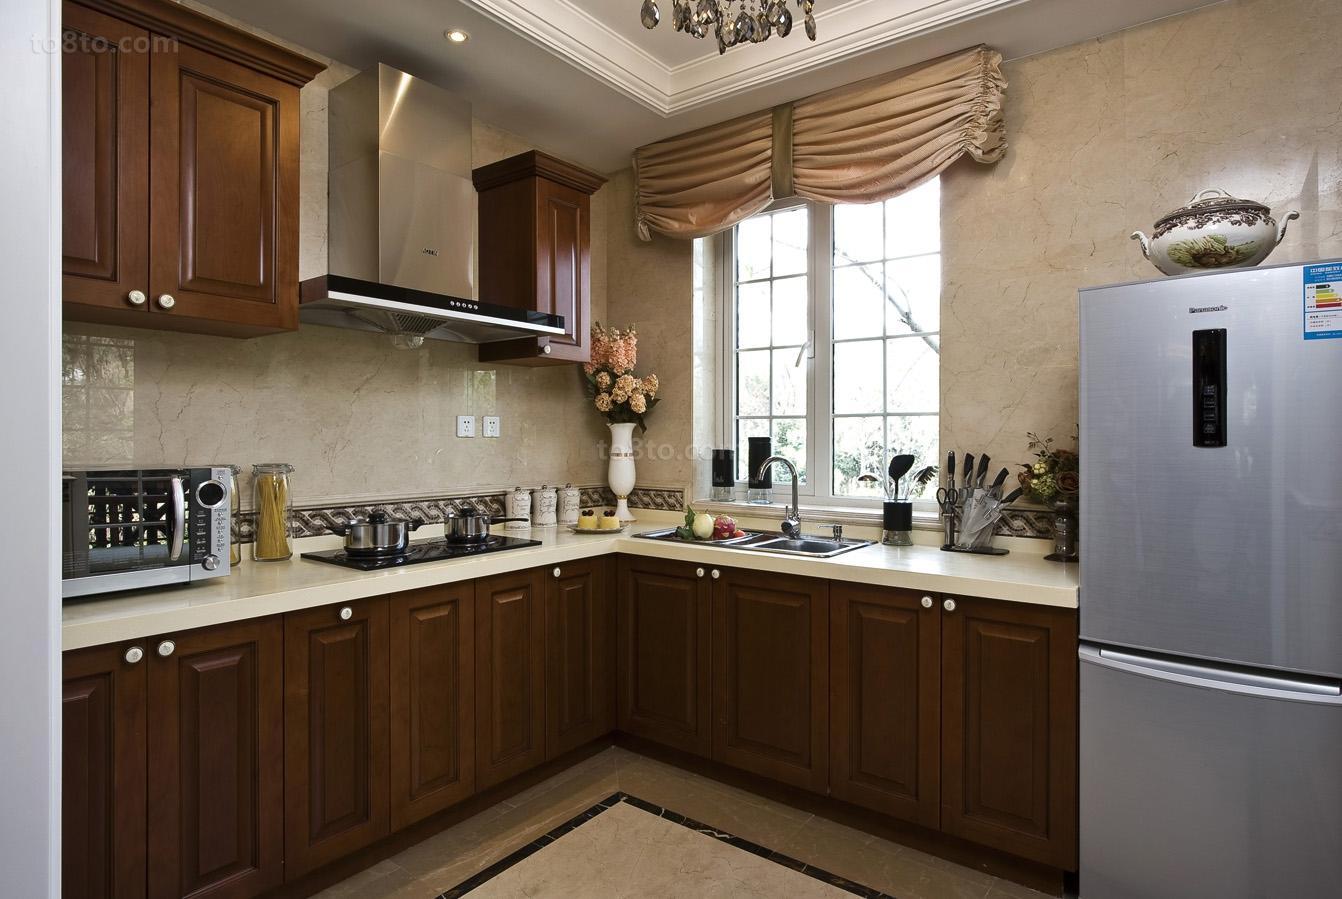 精选欧式小户型厨房装修效果图片